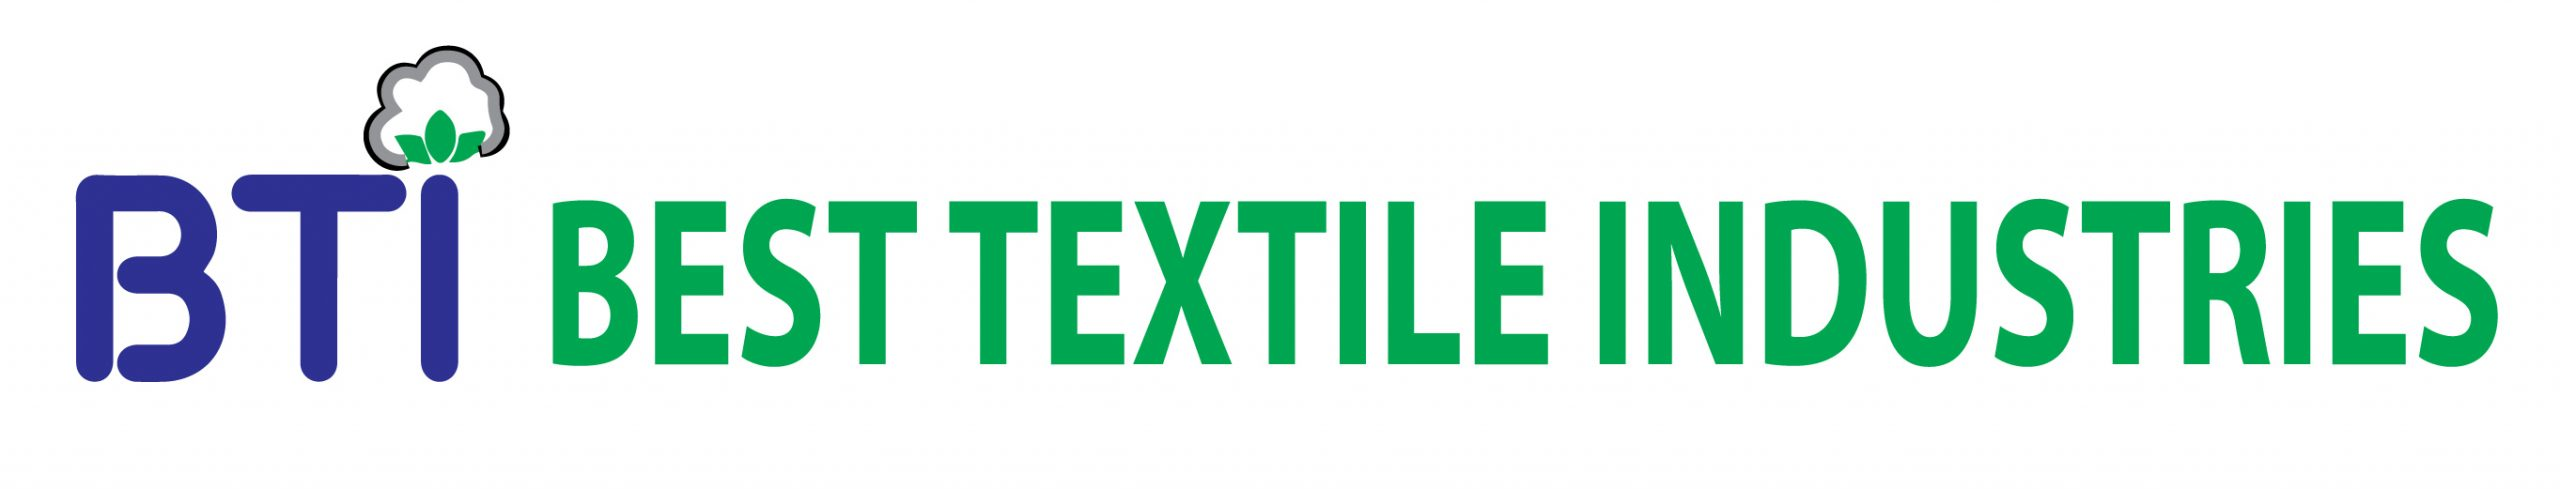 Best Textile Industries